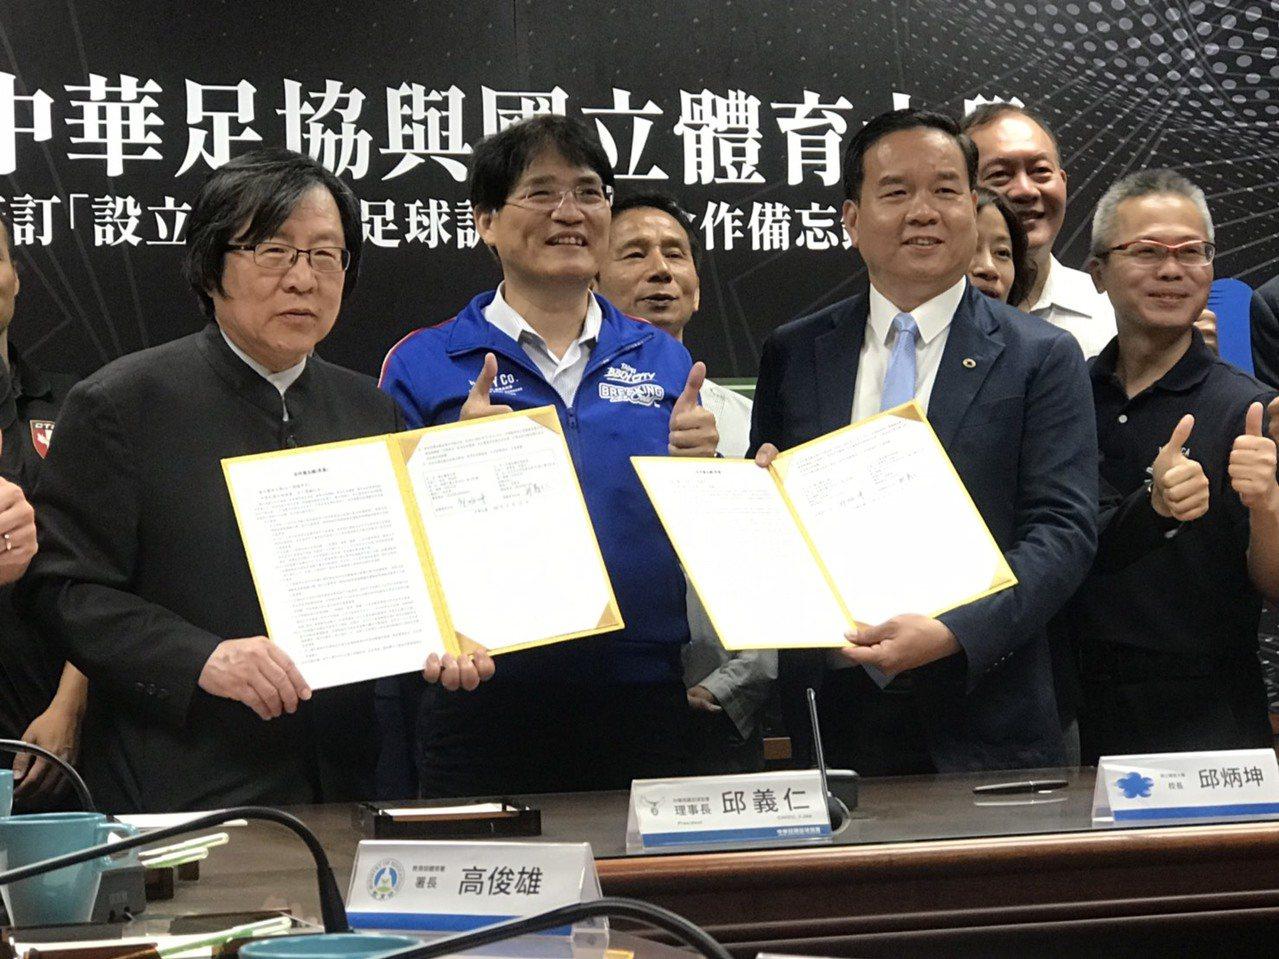 中華民國足球協會與國立體育大學簽署國家隊足球訓練基地合作備忘錄。記者劉肇育/攝影